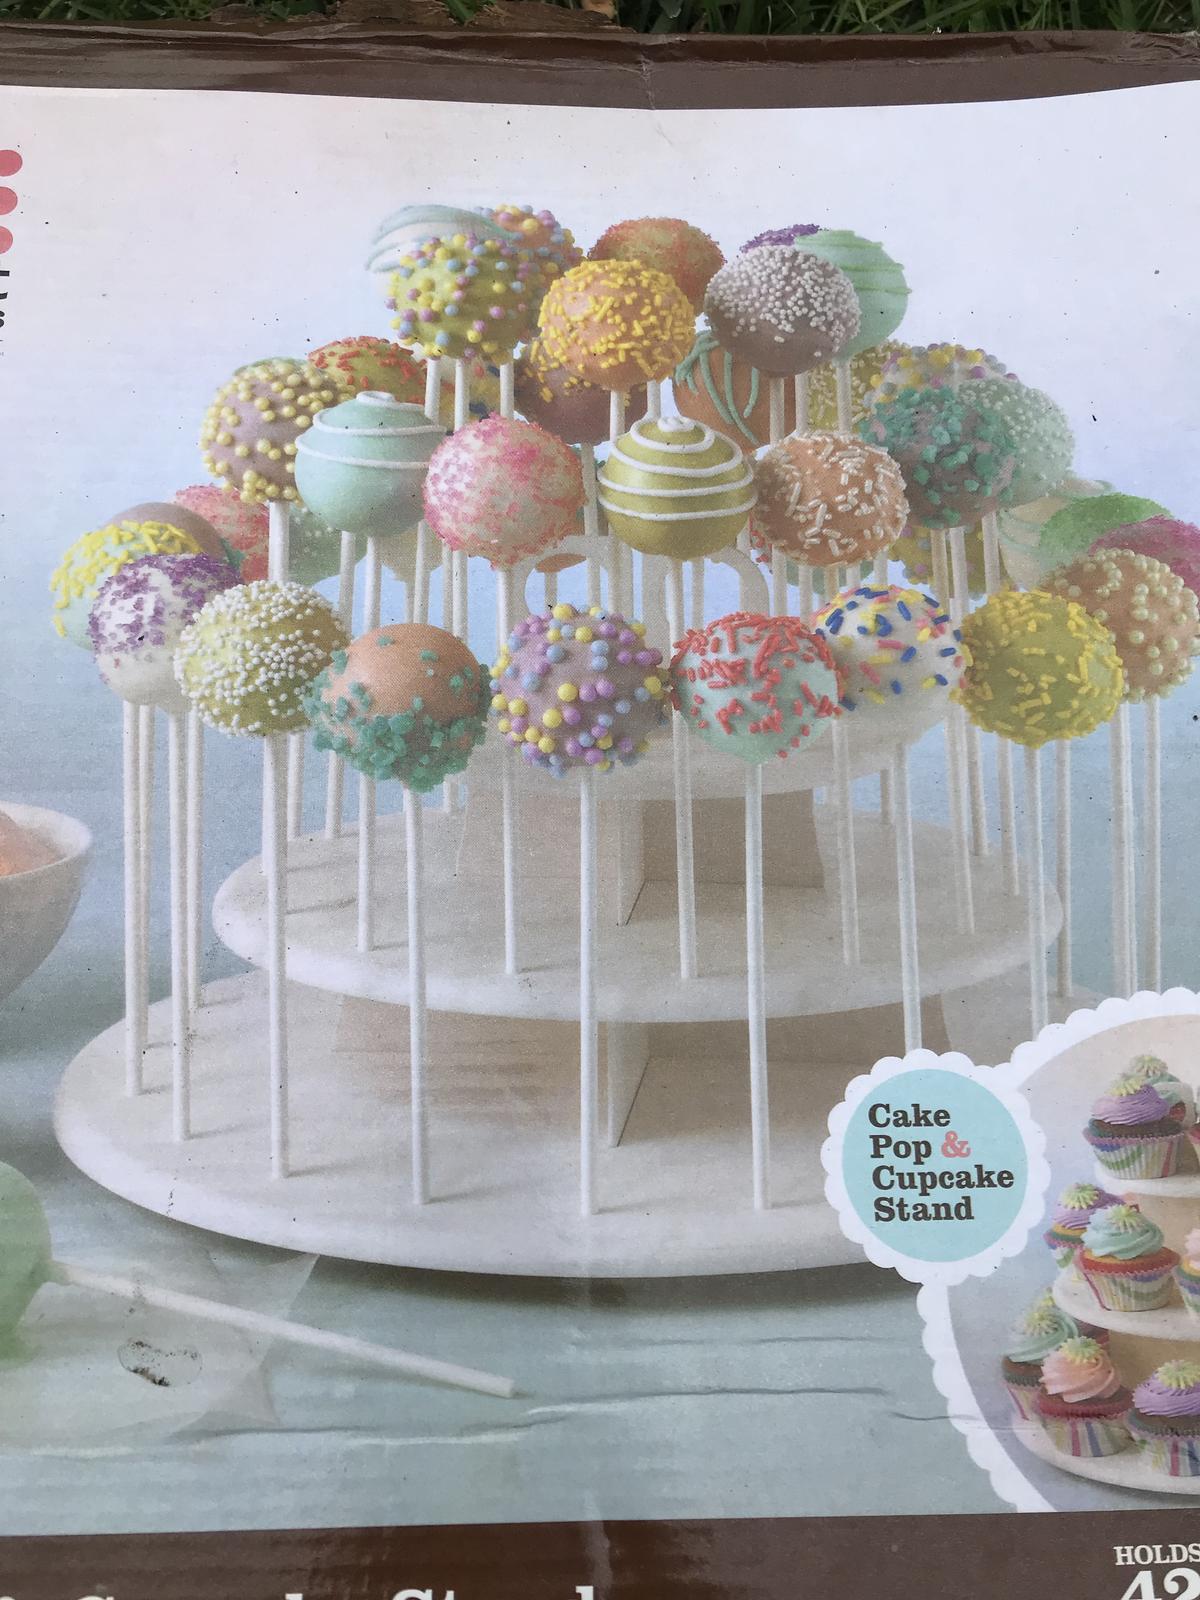 Stojan na popcakes, cupcakes nebo cokoliv jiného  - Obrázek č. 2